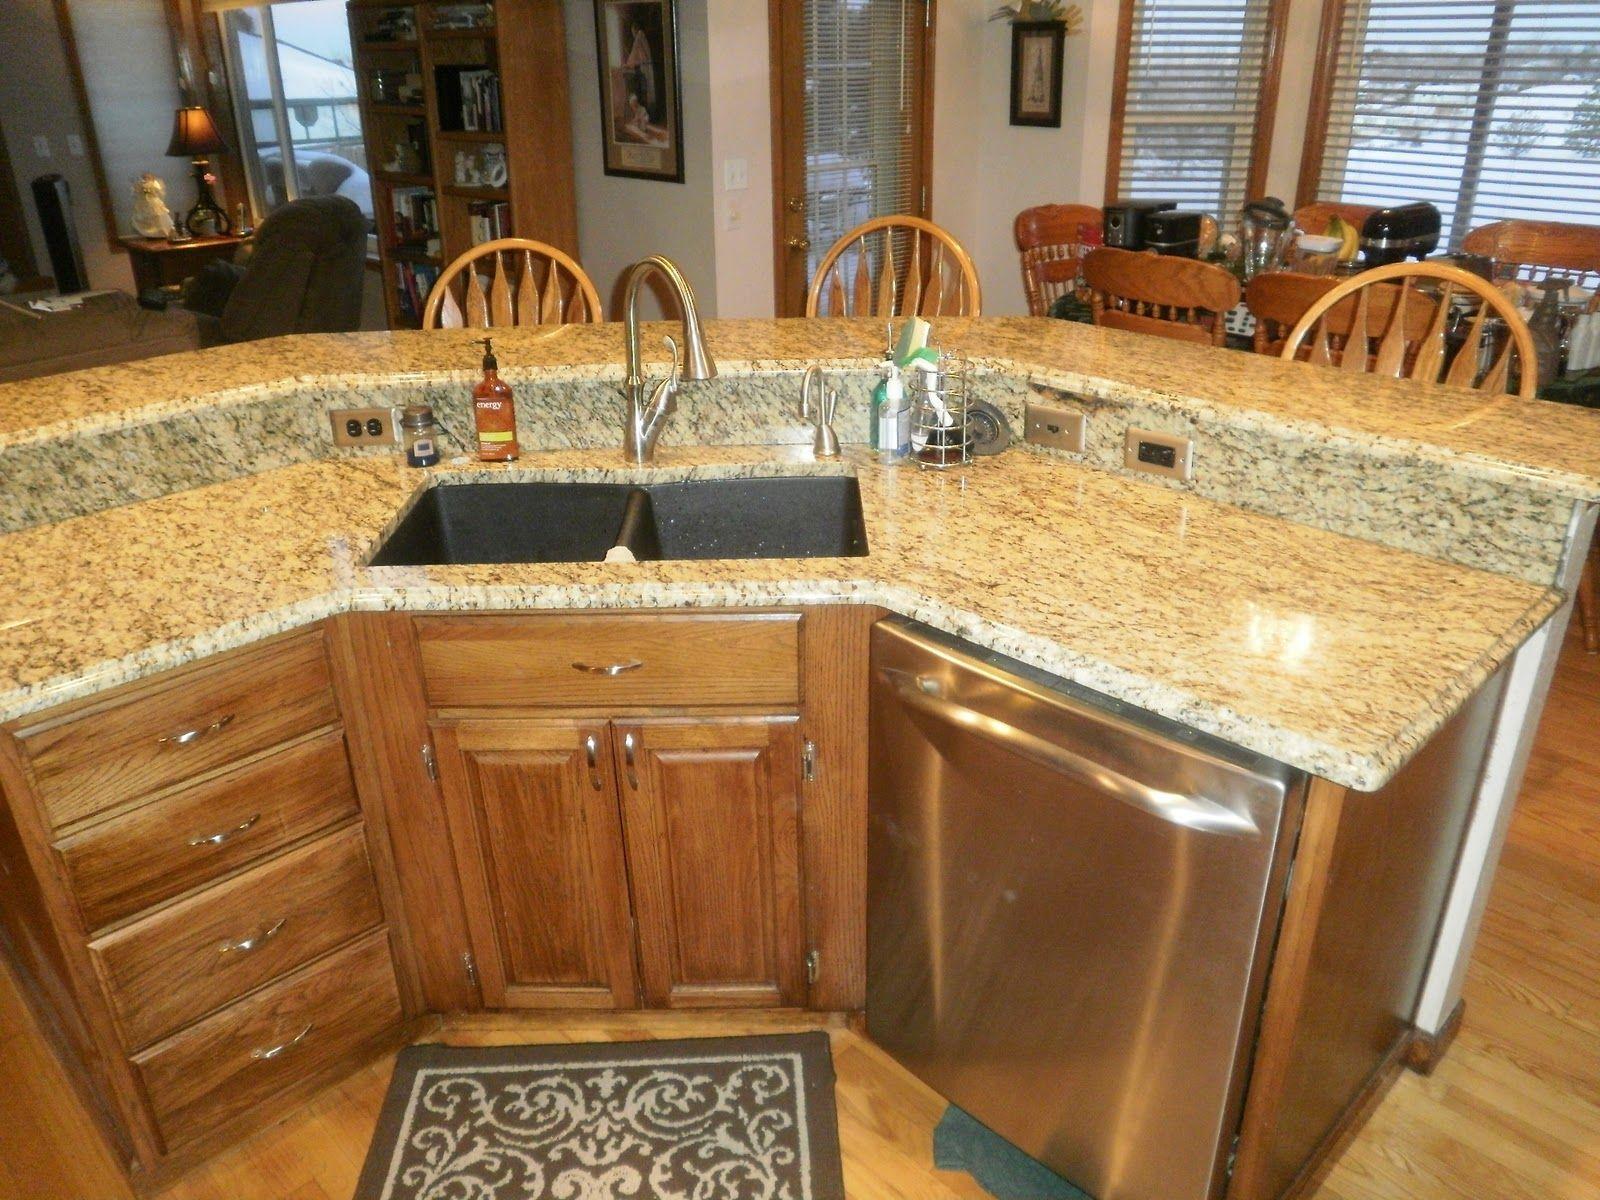 Granite Countertops and Tile Backsplash in Mesa View